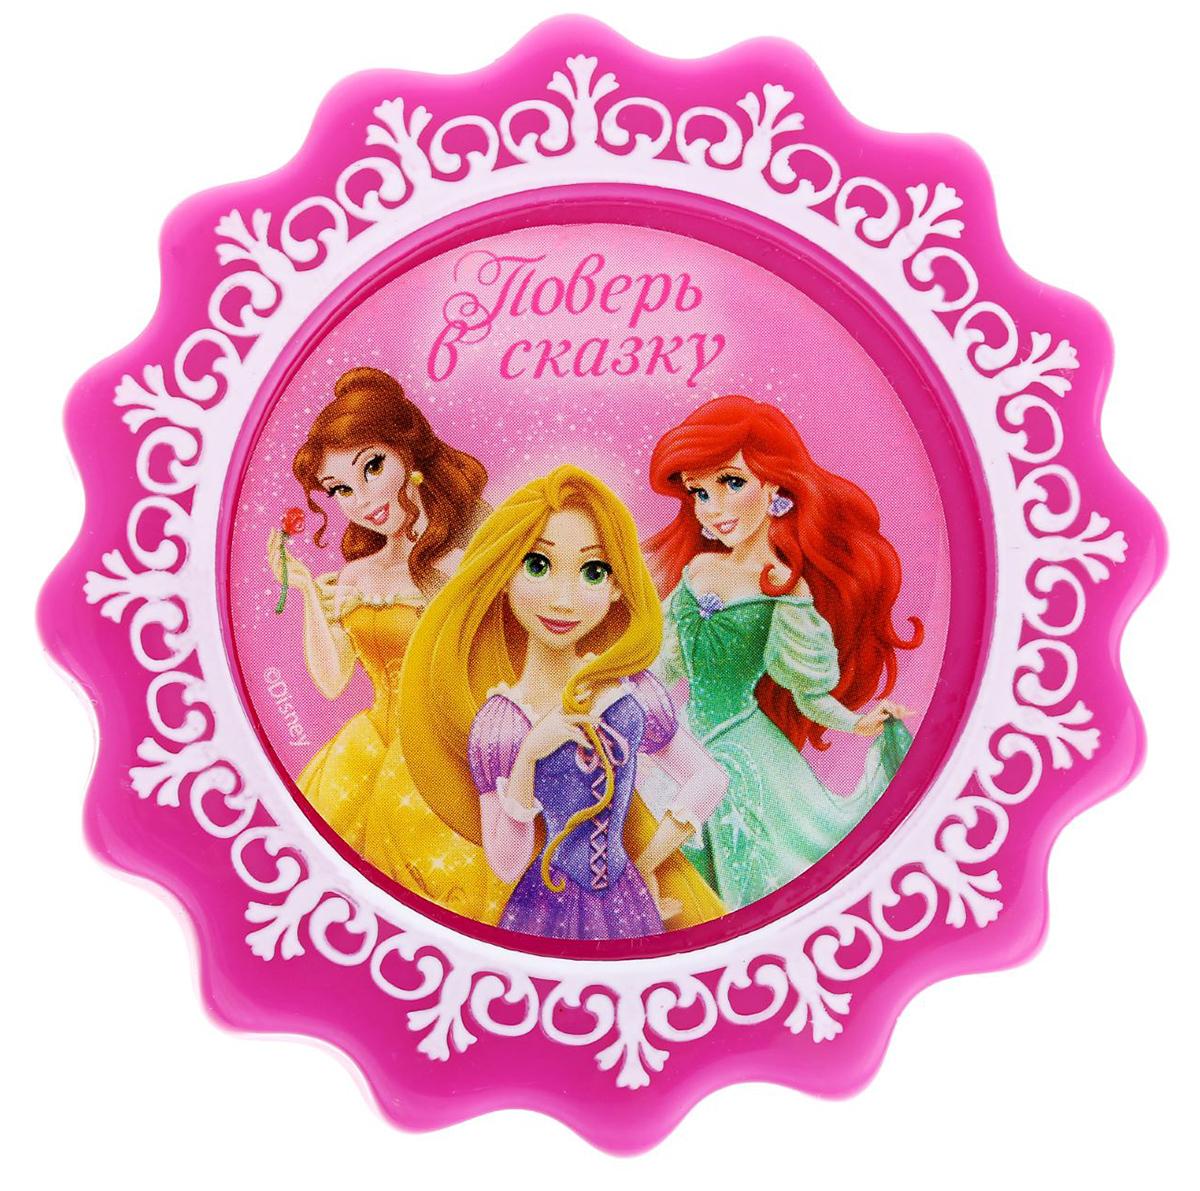 """Магнит-рамка Disney """"Поверь в сказку"""", 6,3 х 6,3 см. 1256864"""